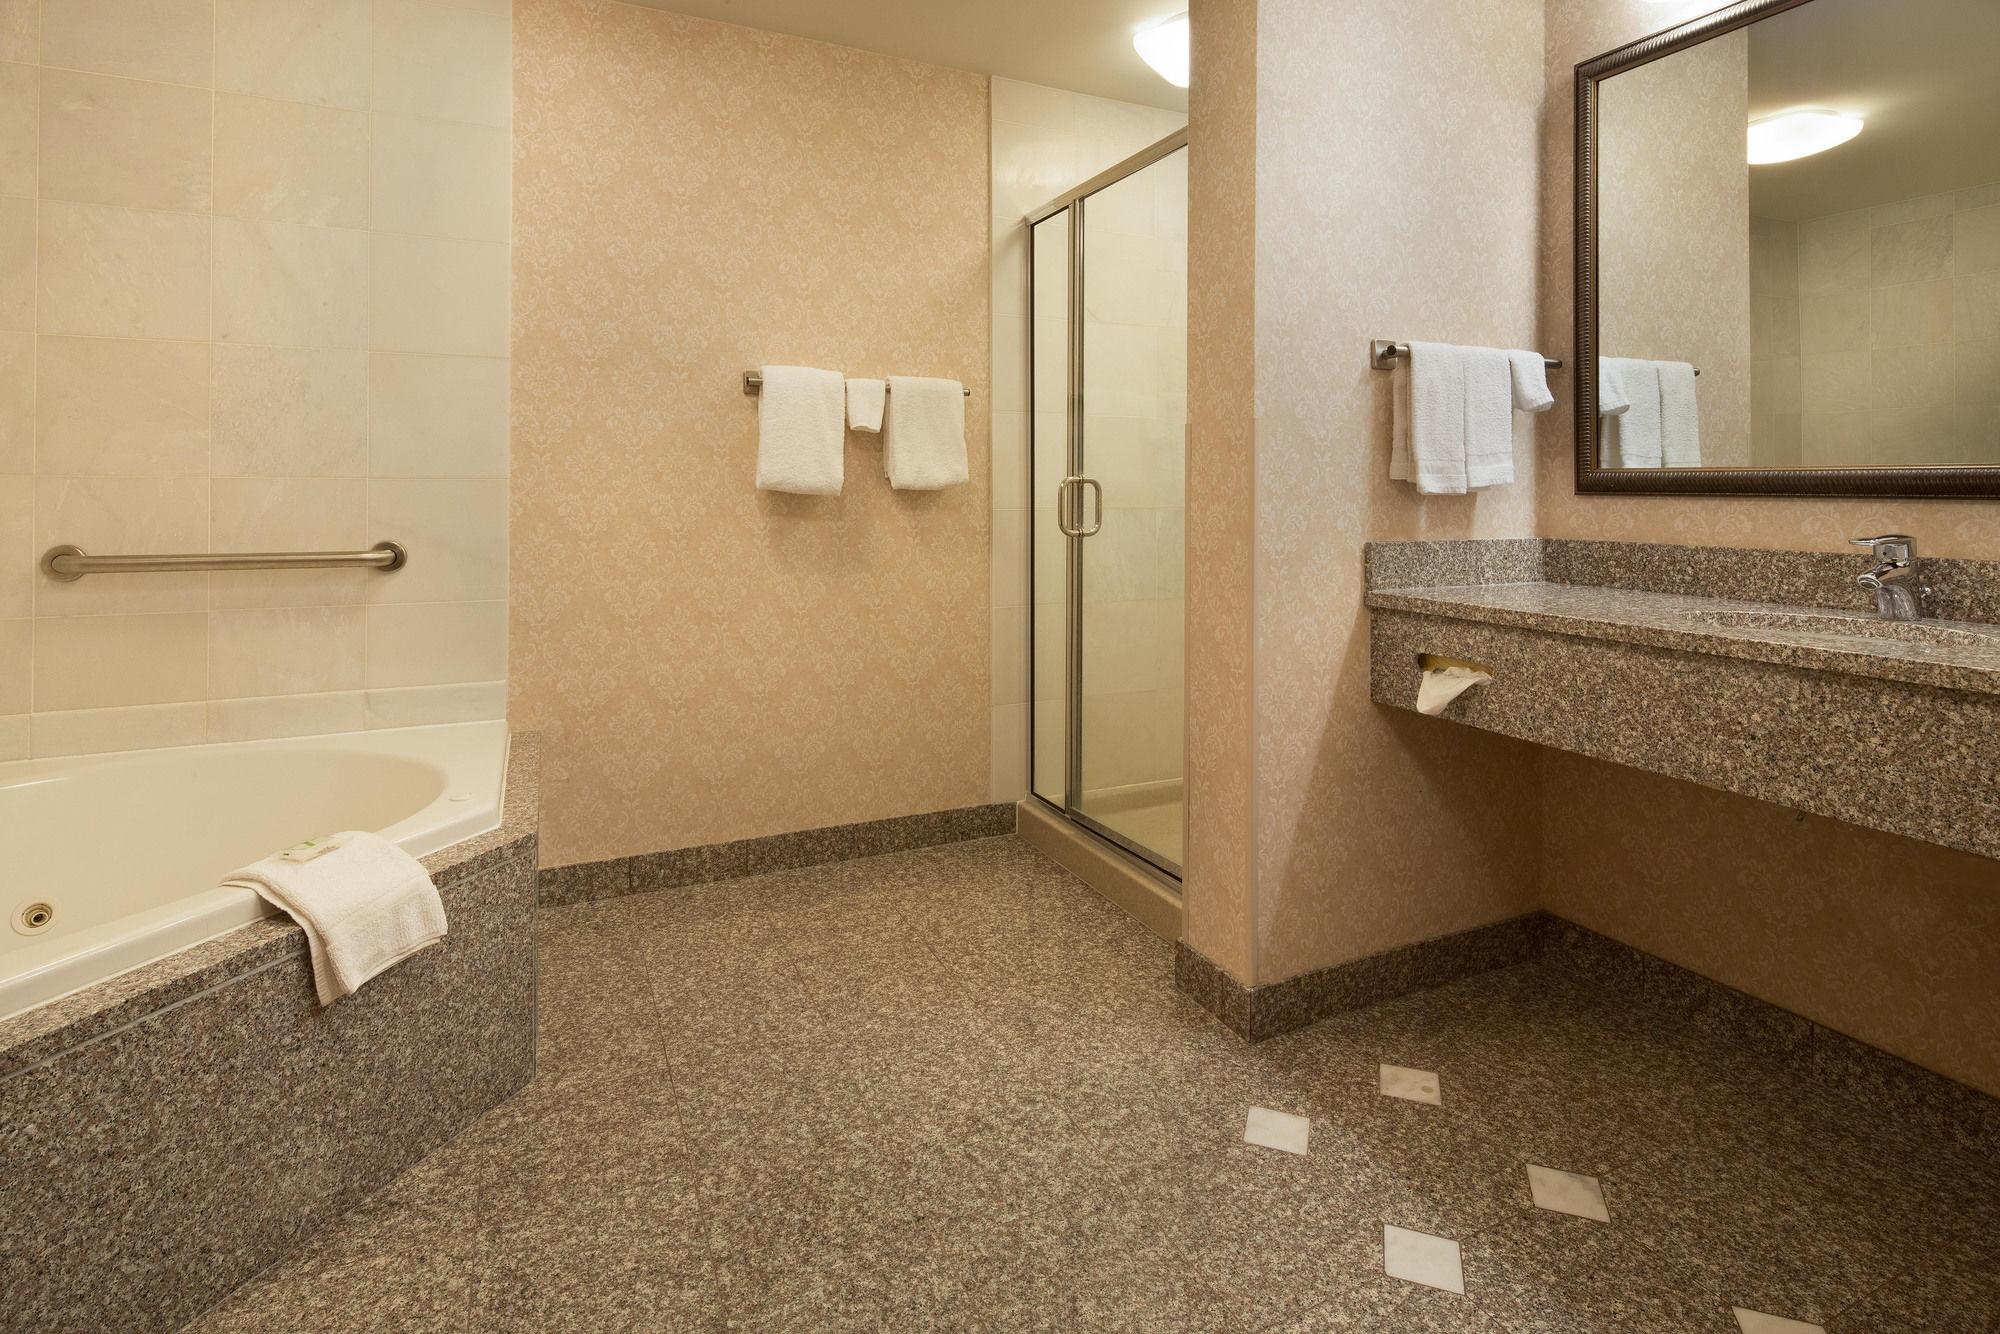 Drury Inn and Suites Meridian in Meridian, MS